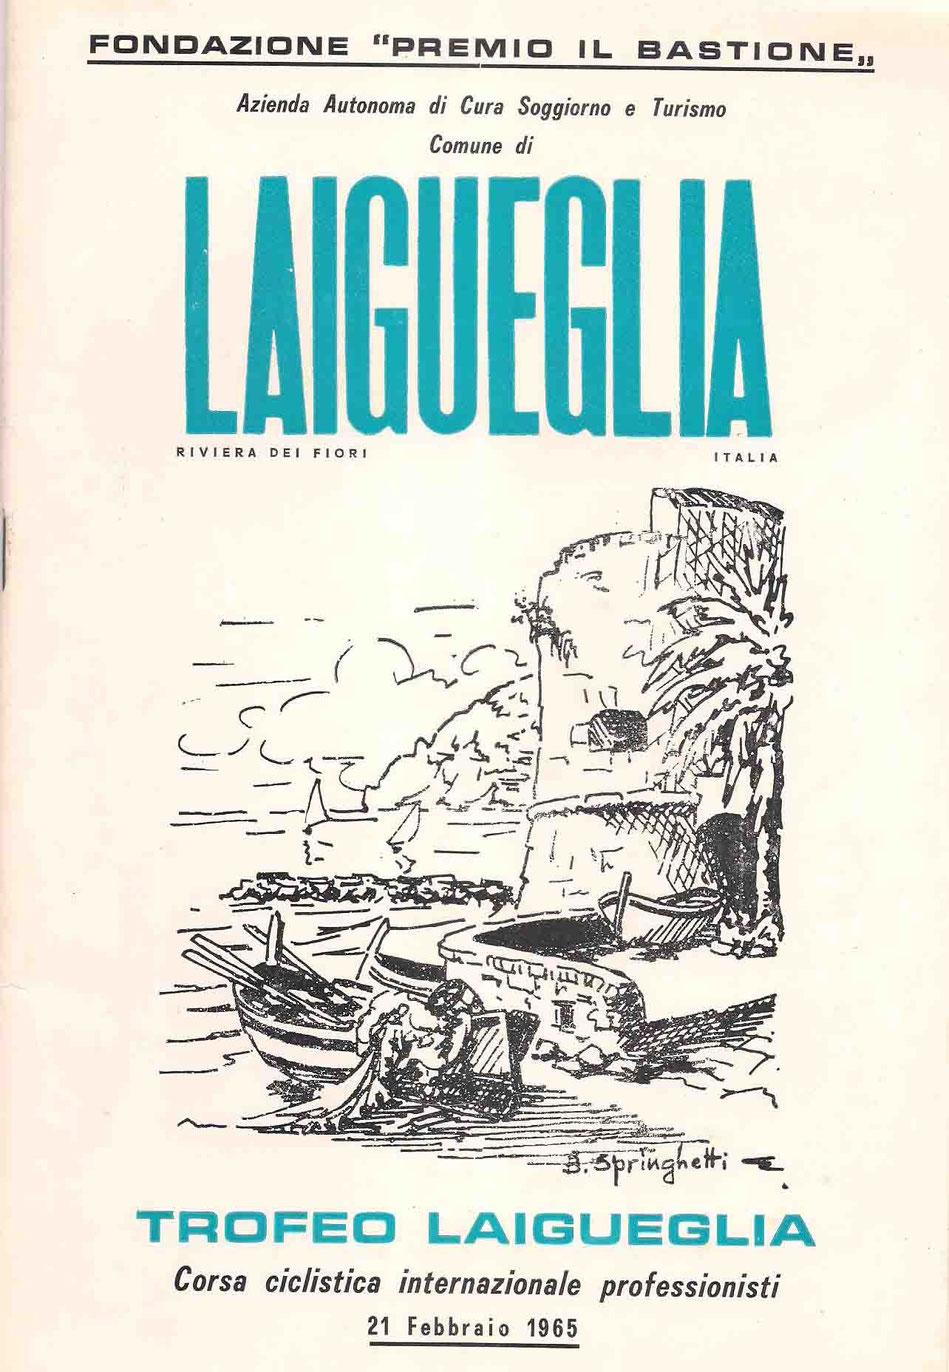 """La copertina del libretto corsa. Notare presenza della Fondazione """"premio il bastione"""""""